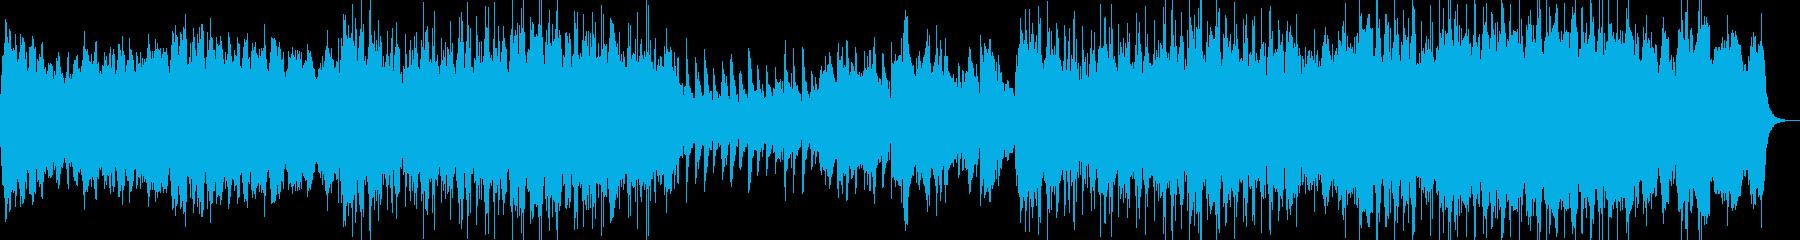 映像のための音楽ー祈りの再生済みの波形